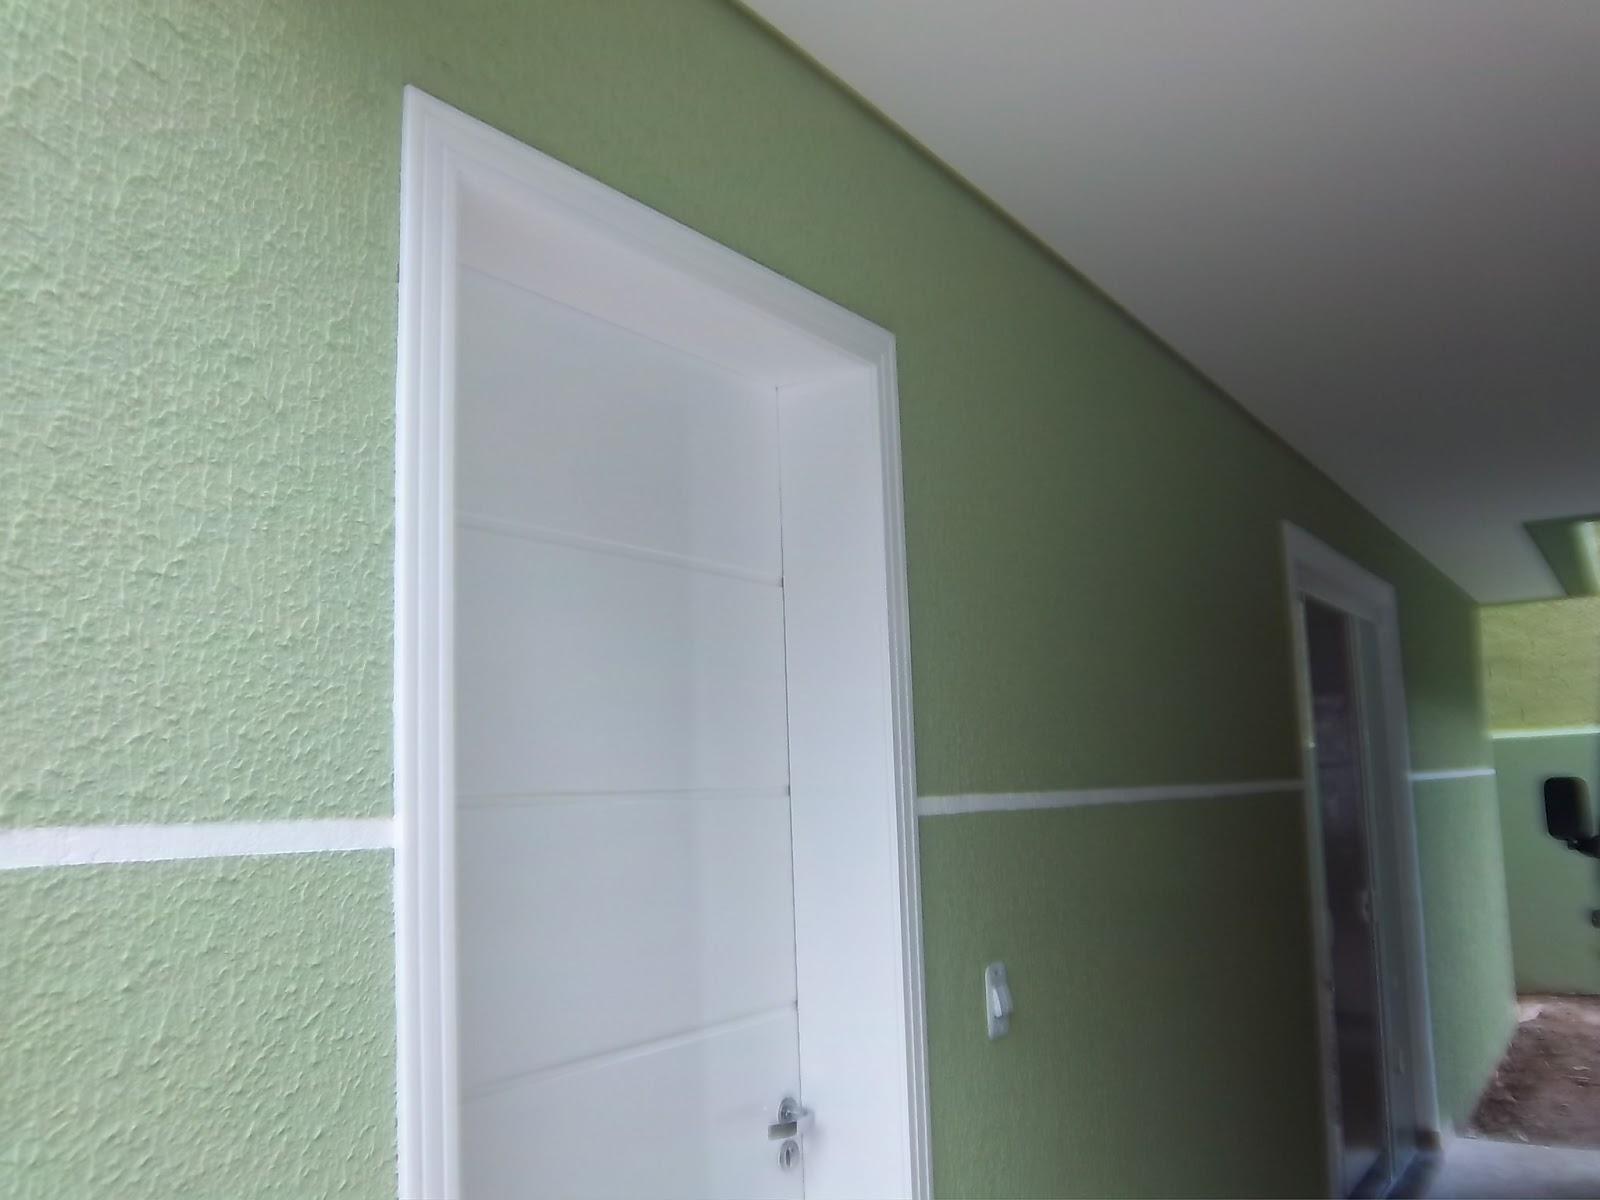 UMBARÁ DEPOIS DE PRONTO/PINTURA LISA DENTRO E REVESTIMENTO GRAFIATO  #5B7457 1600x1200 Banheiro Com Revestimento E Grafiato